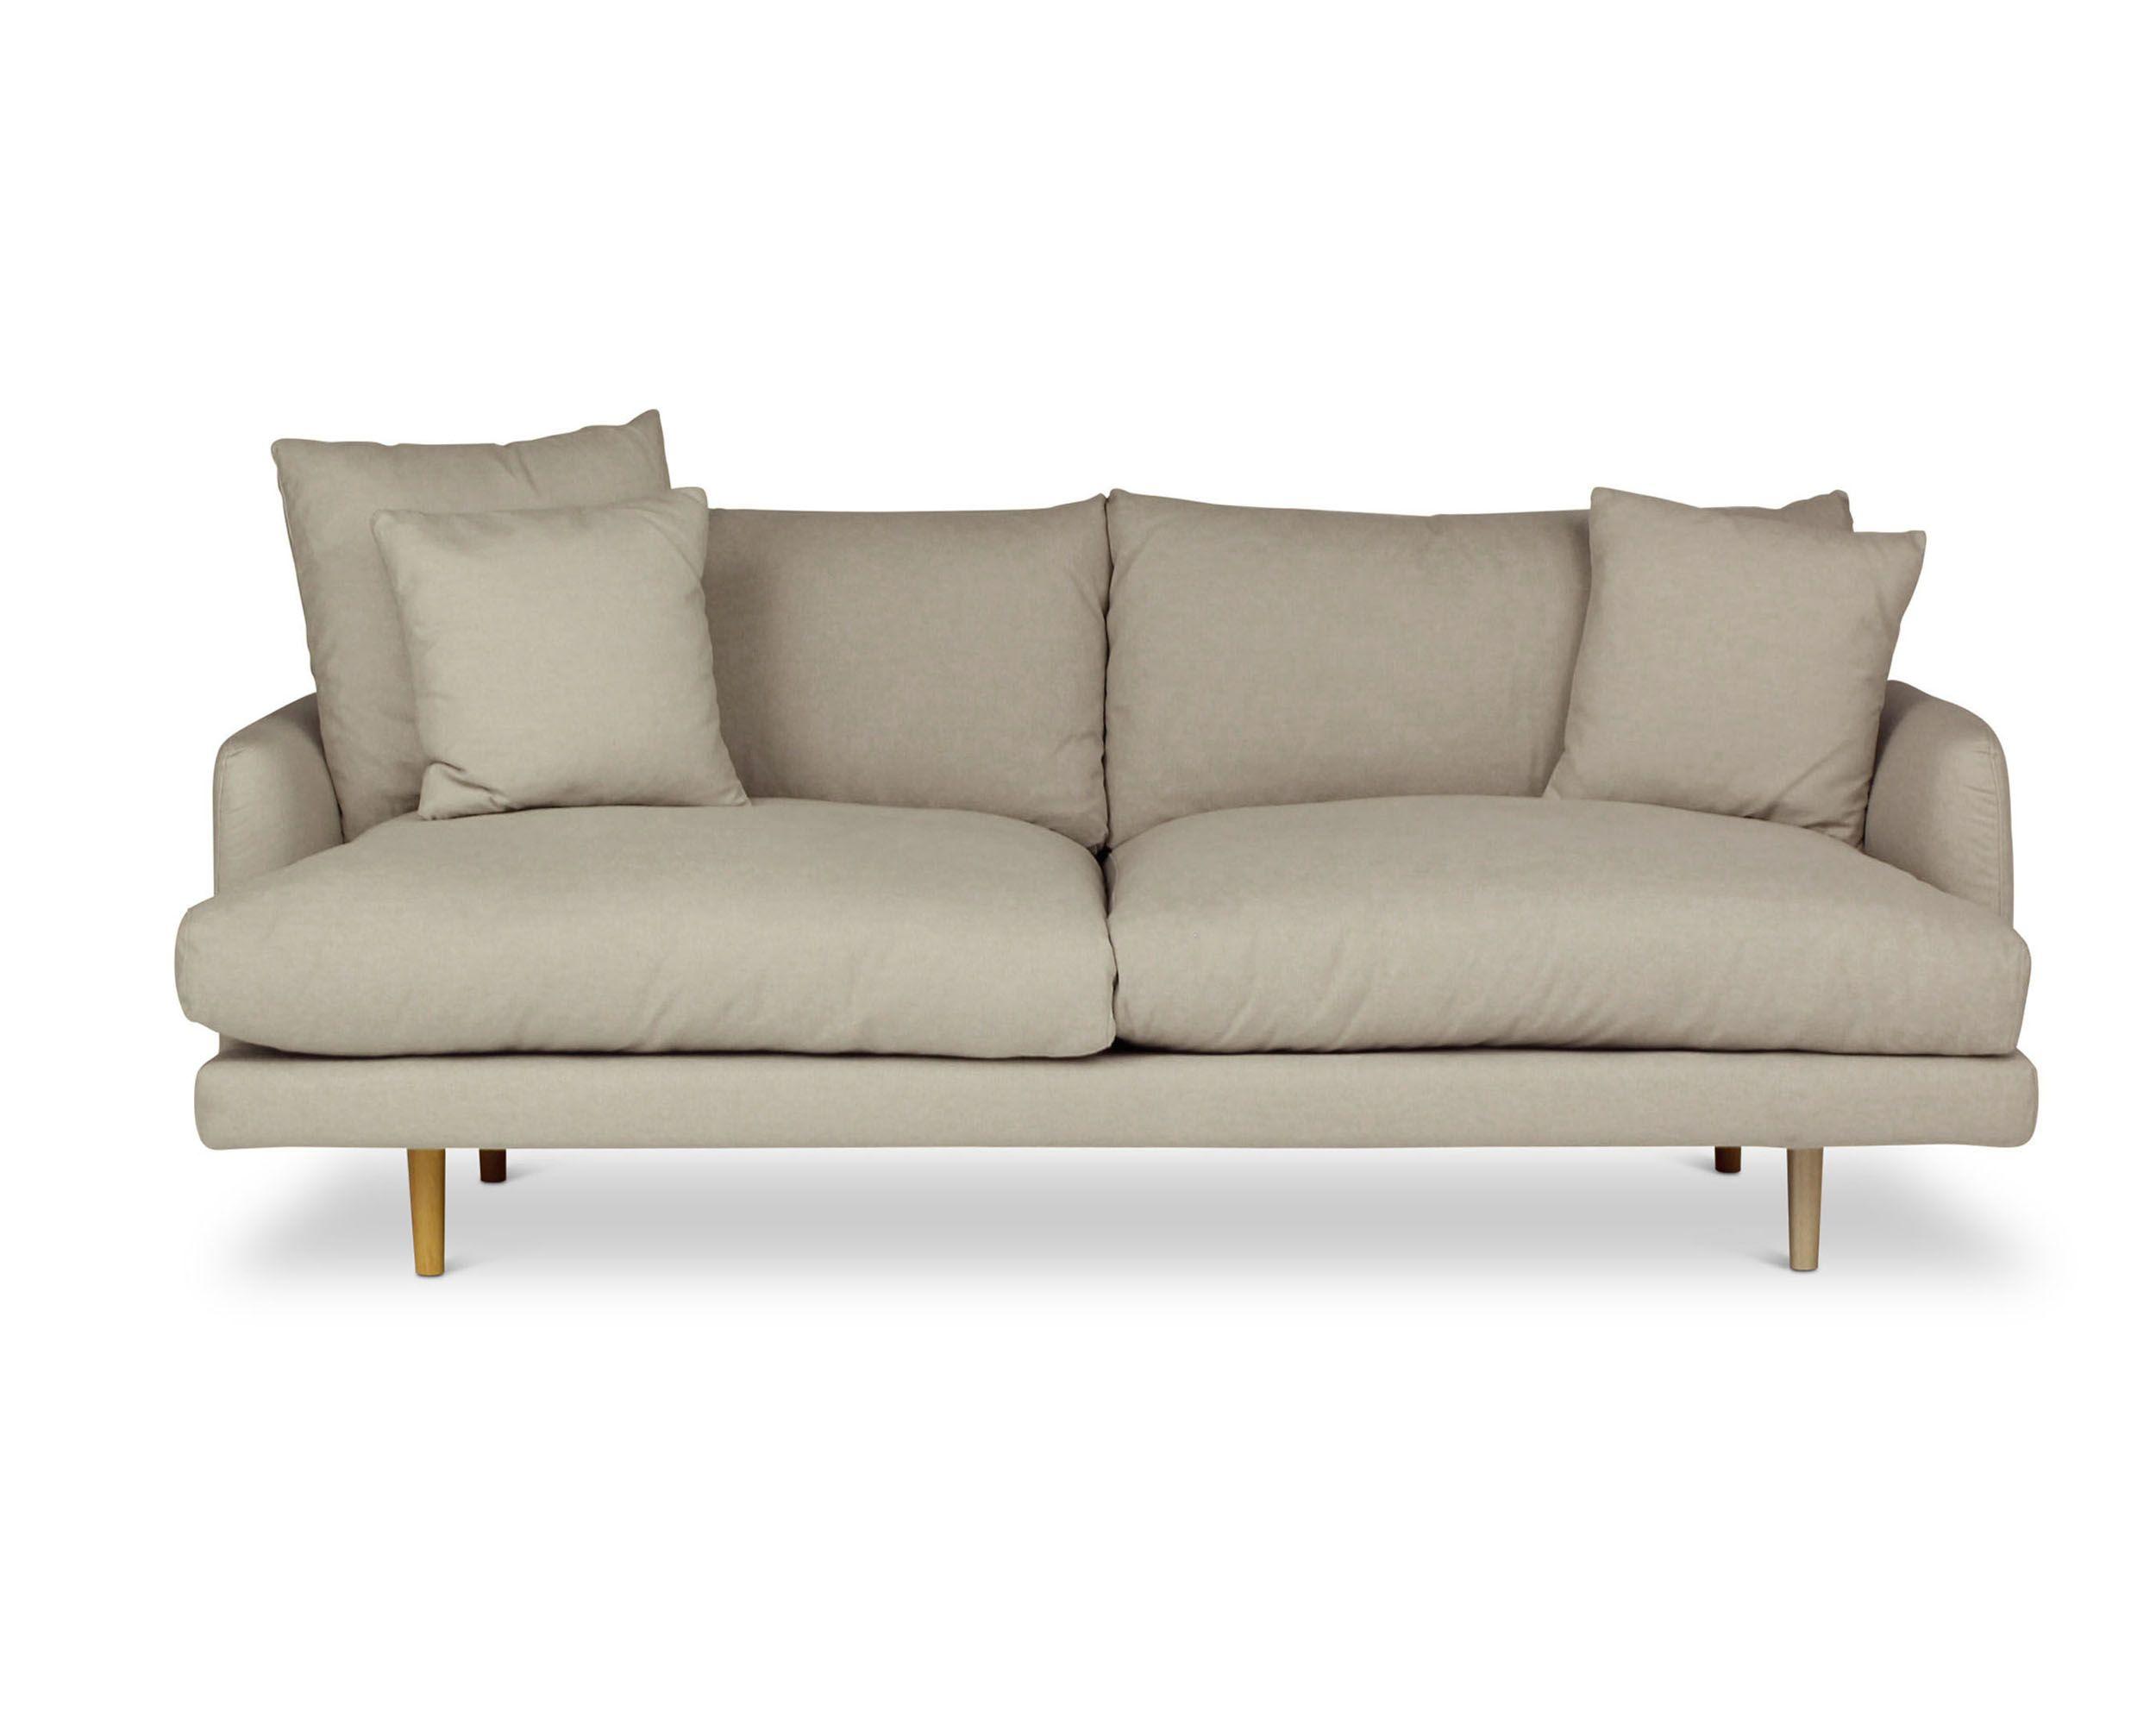 Image result for sofa cama nido Living Room Pinterest